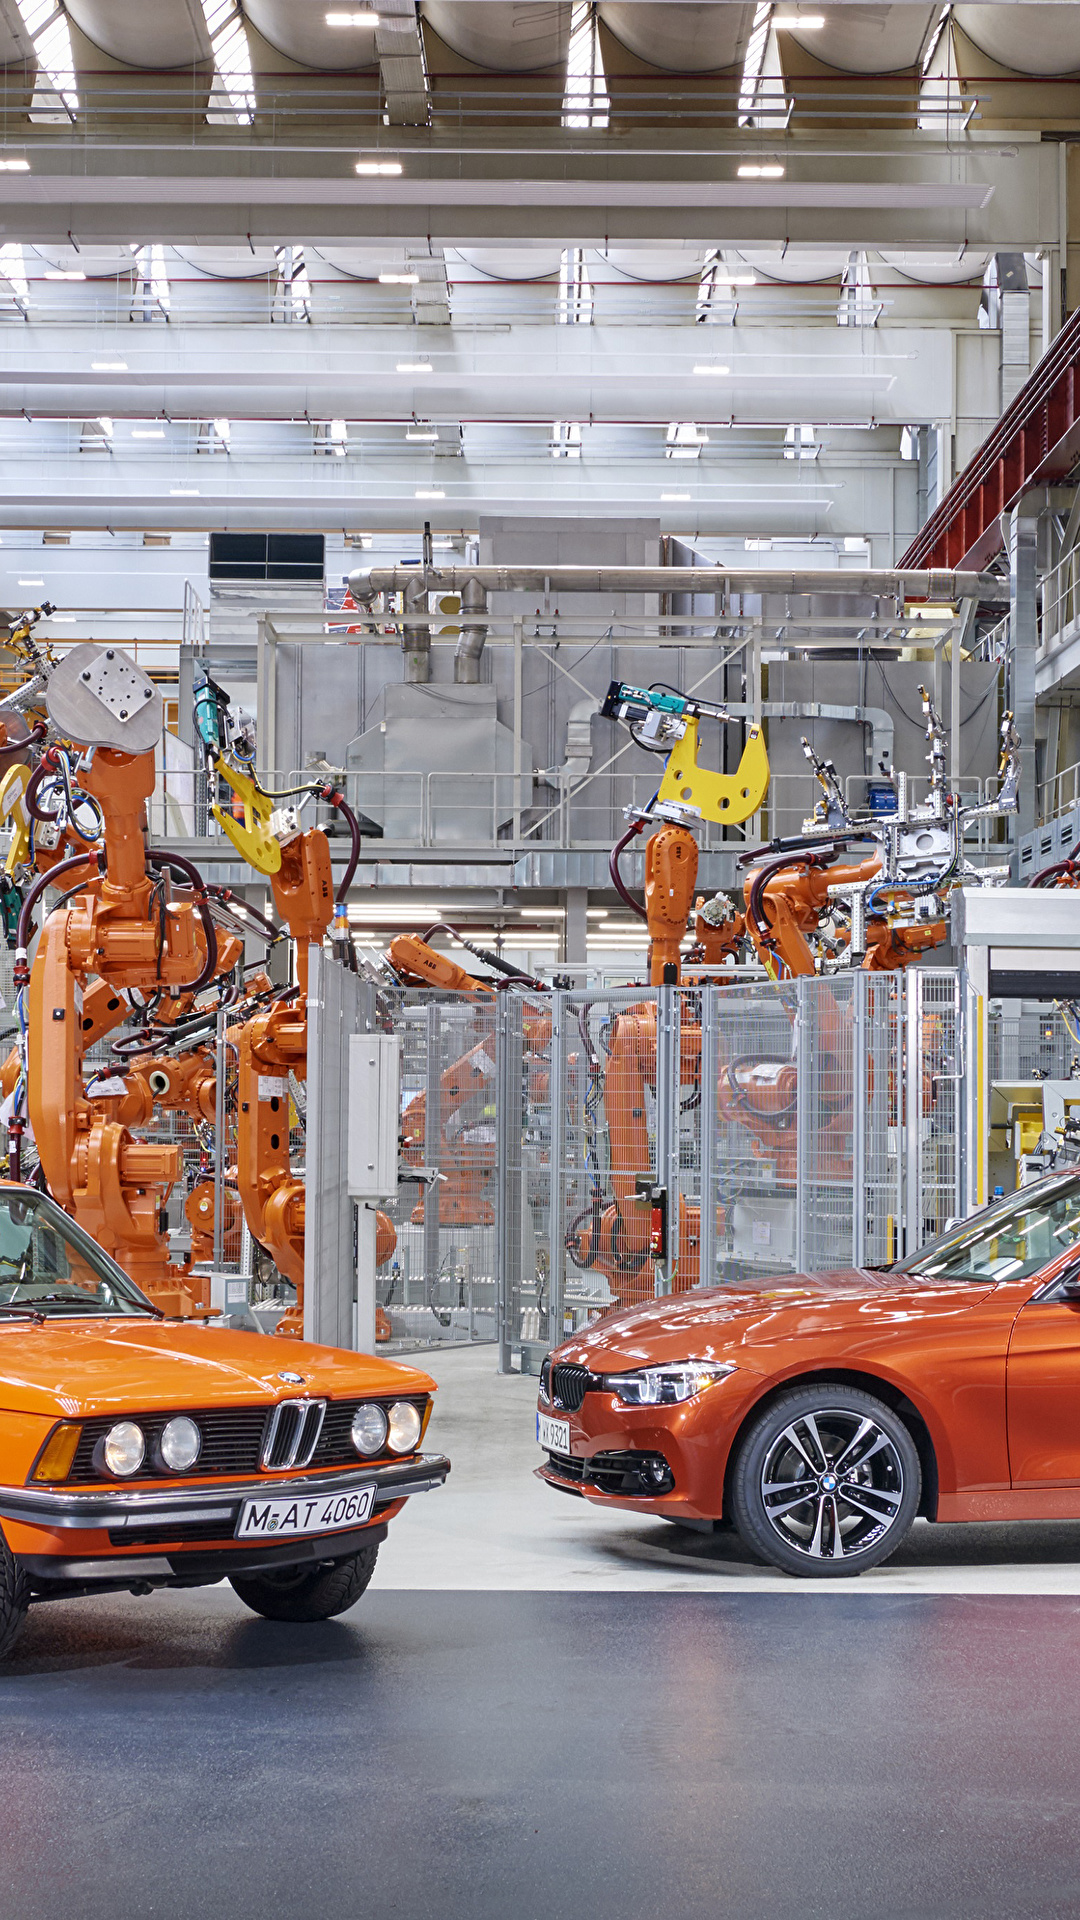 Картинки BMW 1975-2017 3 Series Завод две оранжевая Металлик Автомобили 1080x1920 для мобильного телефона БМВ фабрика 2 два Двое вдвоем Оранжевый оранжевых оранжевые авто машина машины автомобиль